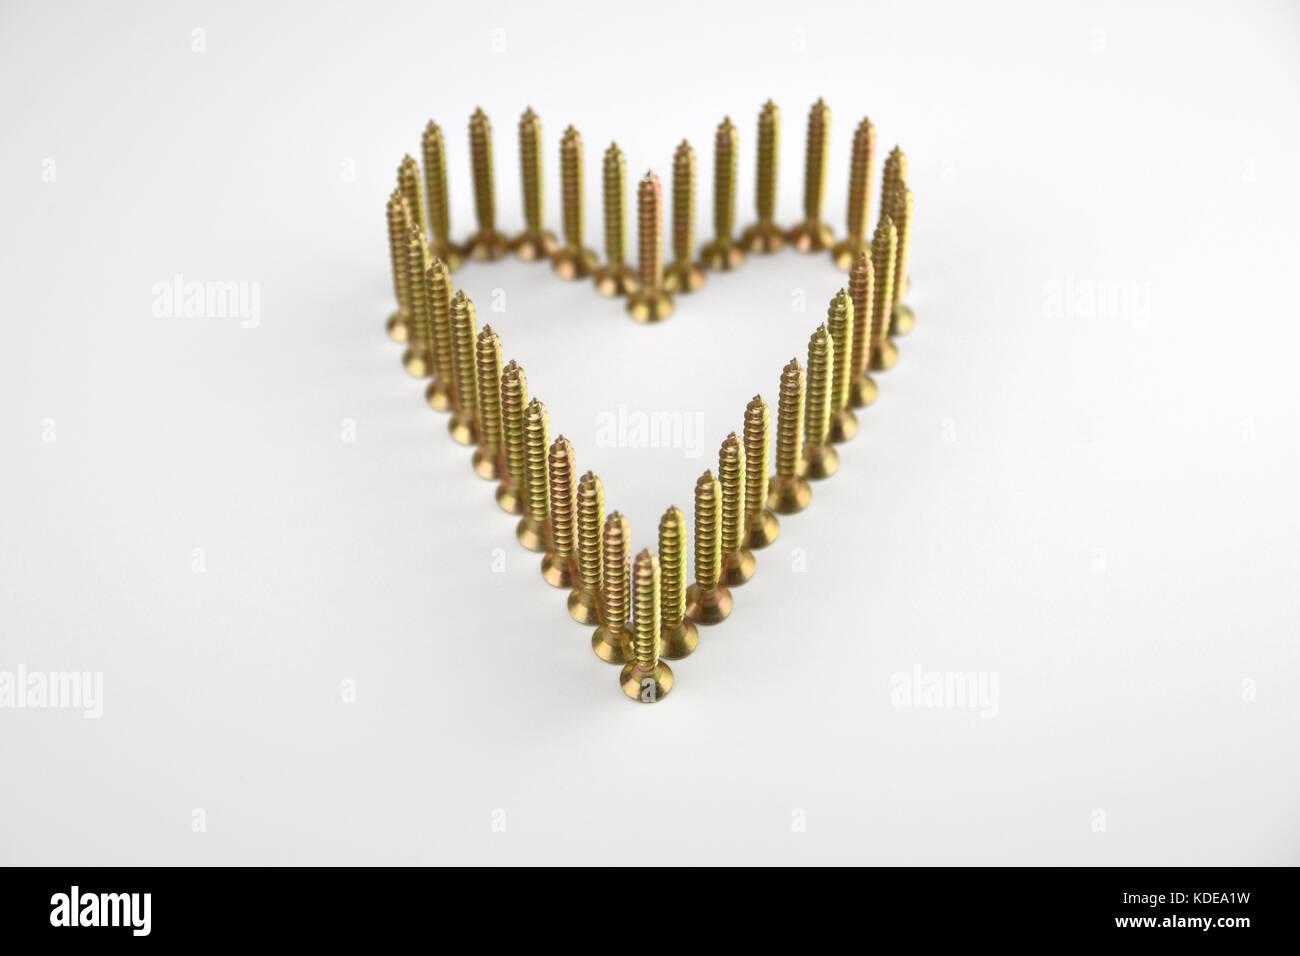 Amor corazón de tornillos de latón permanente sobre fondo blanco. Imagen De Stock